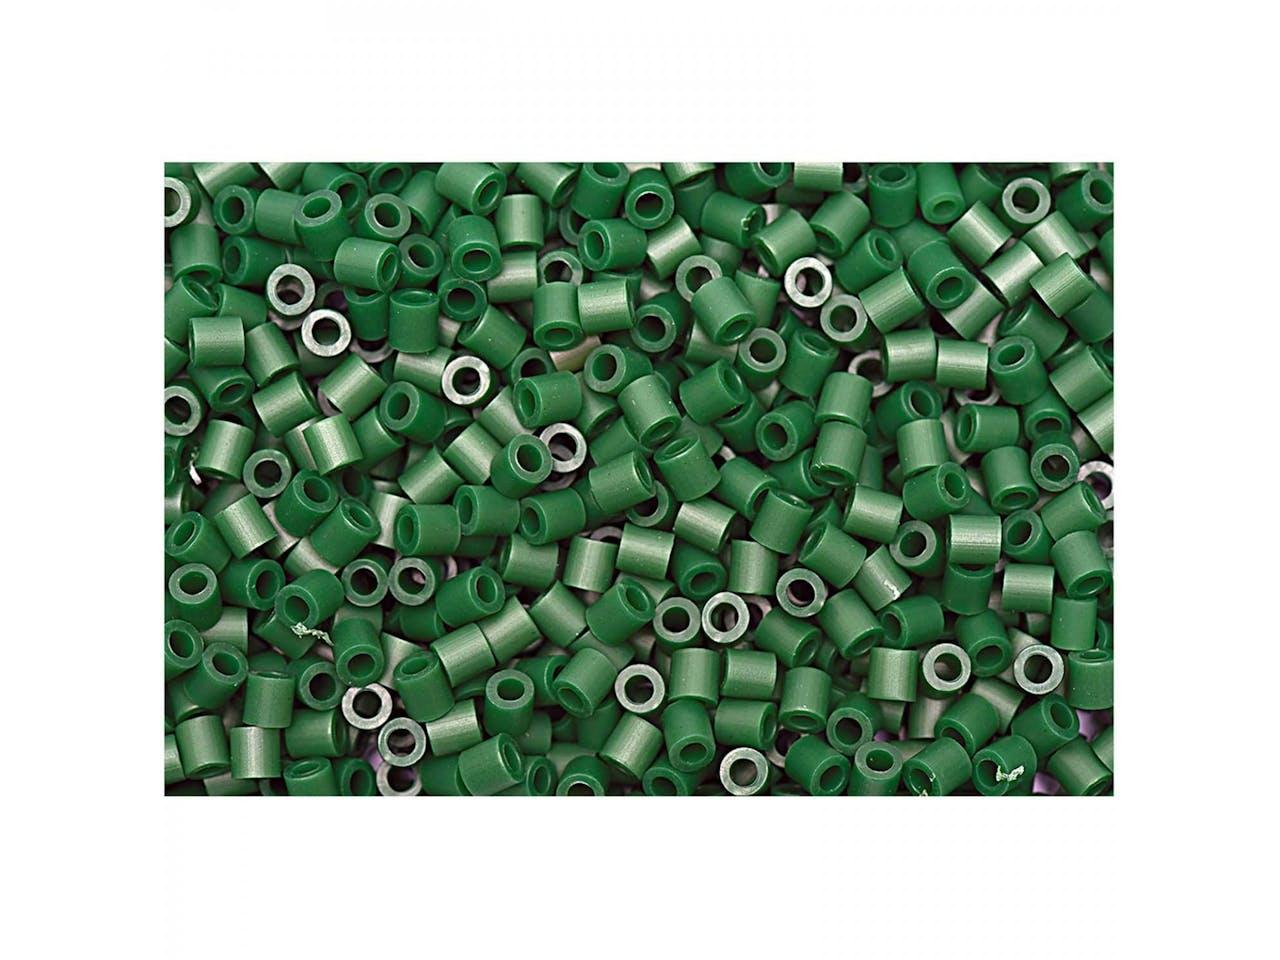 Bügelperlen, 50 x 50 mm, ca. 1000 Stück, tannengrün